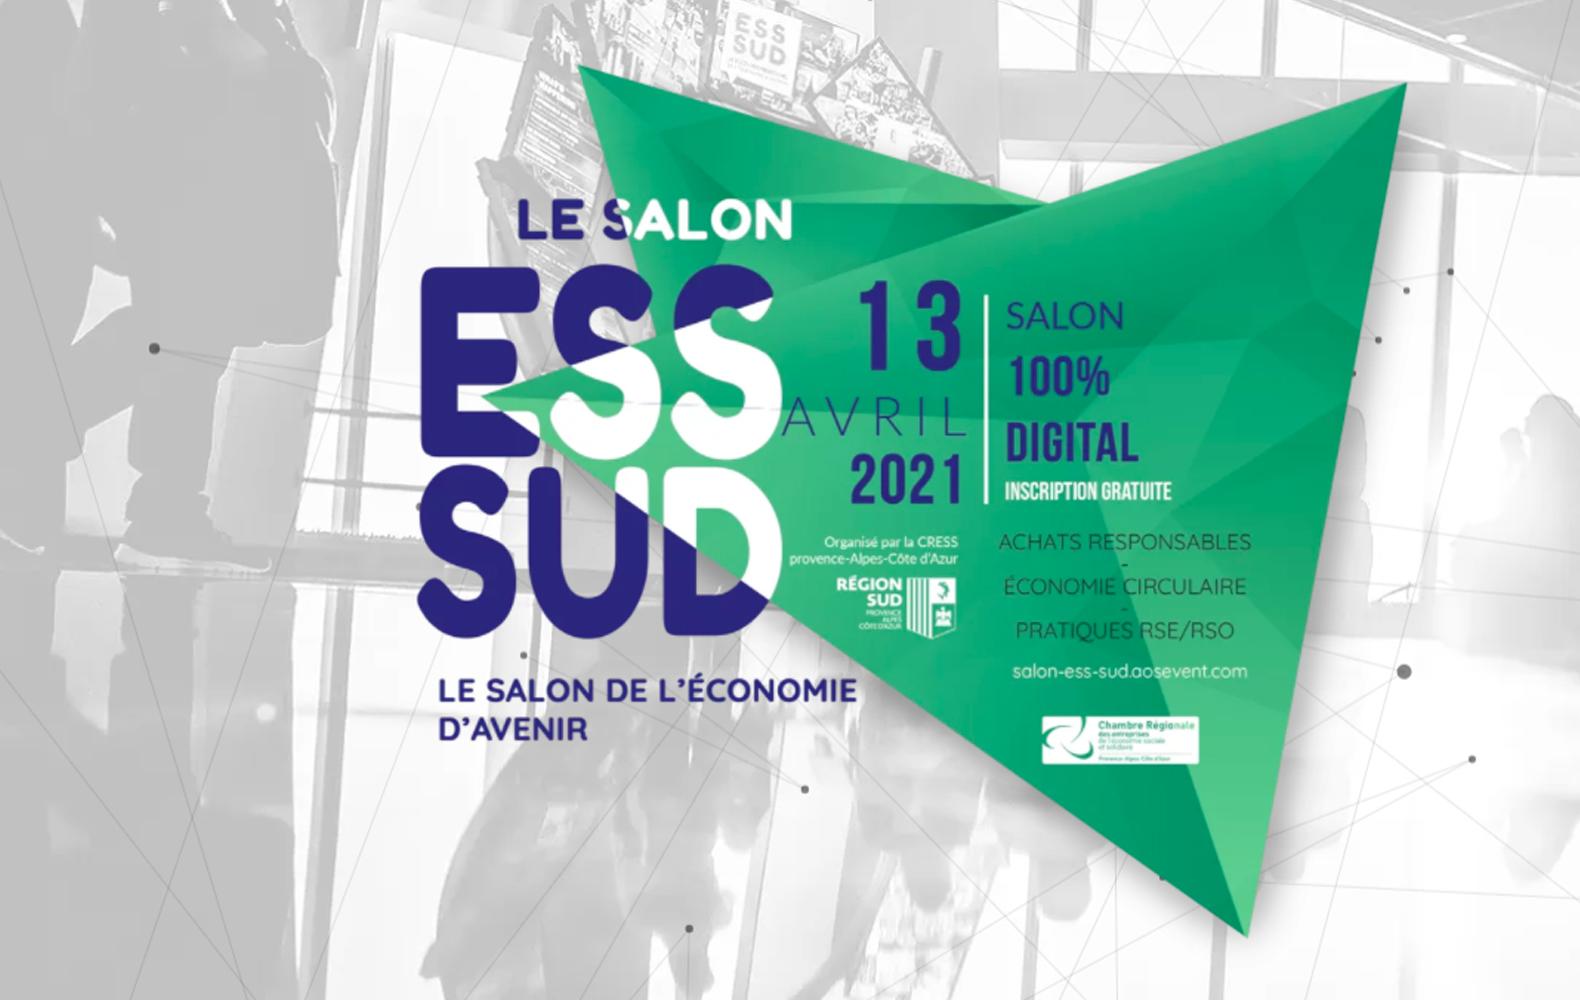 ESS SUD 2021, Le Salon de l'économie d'avenir